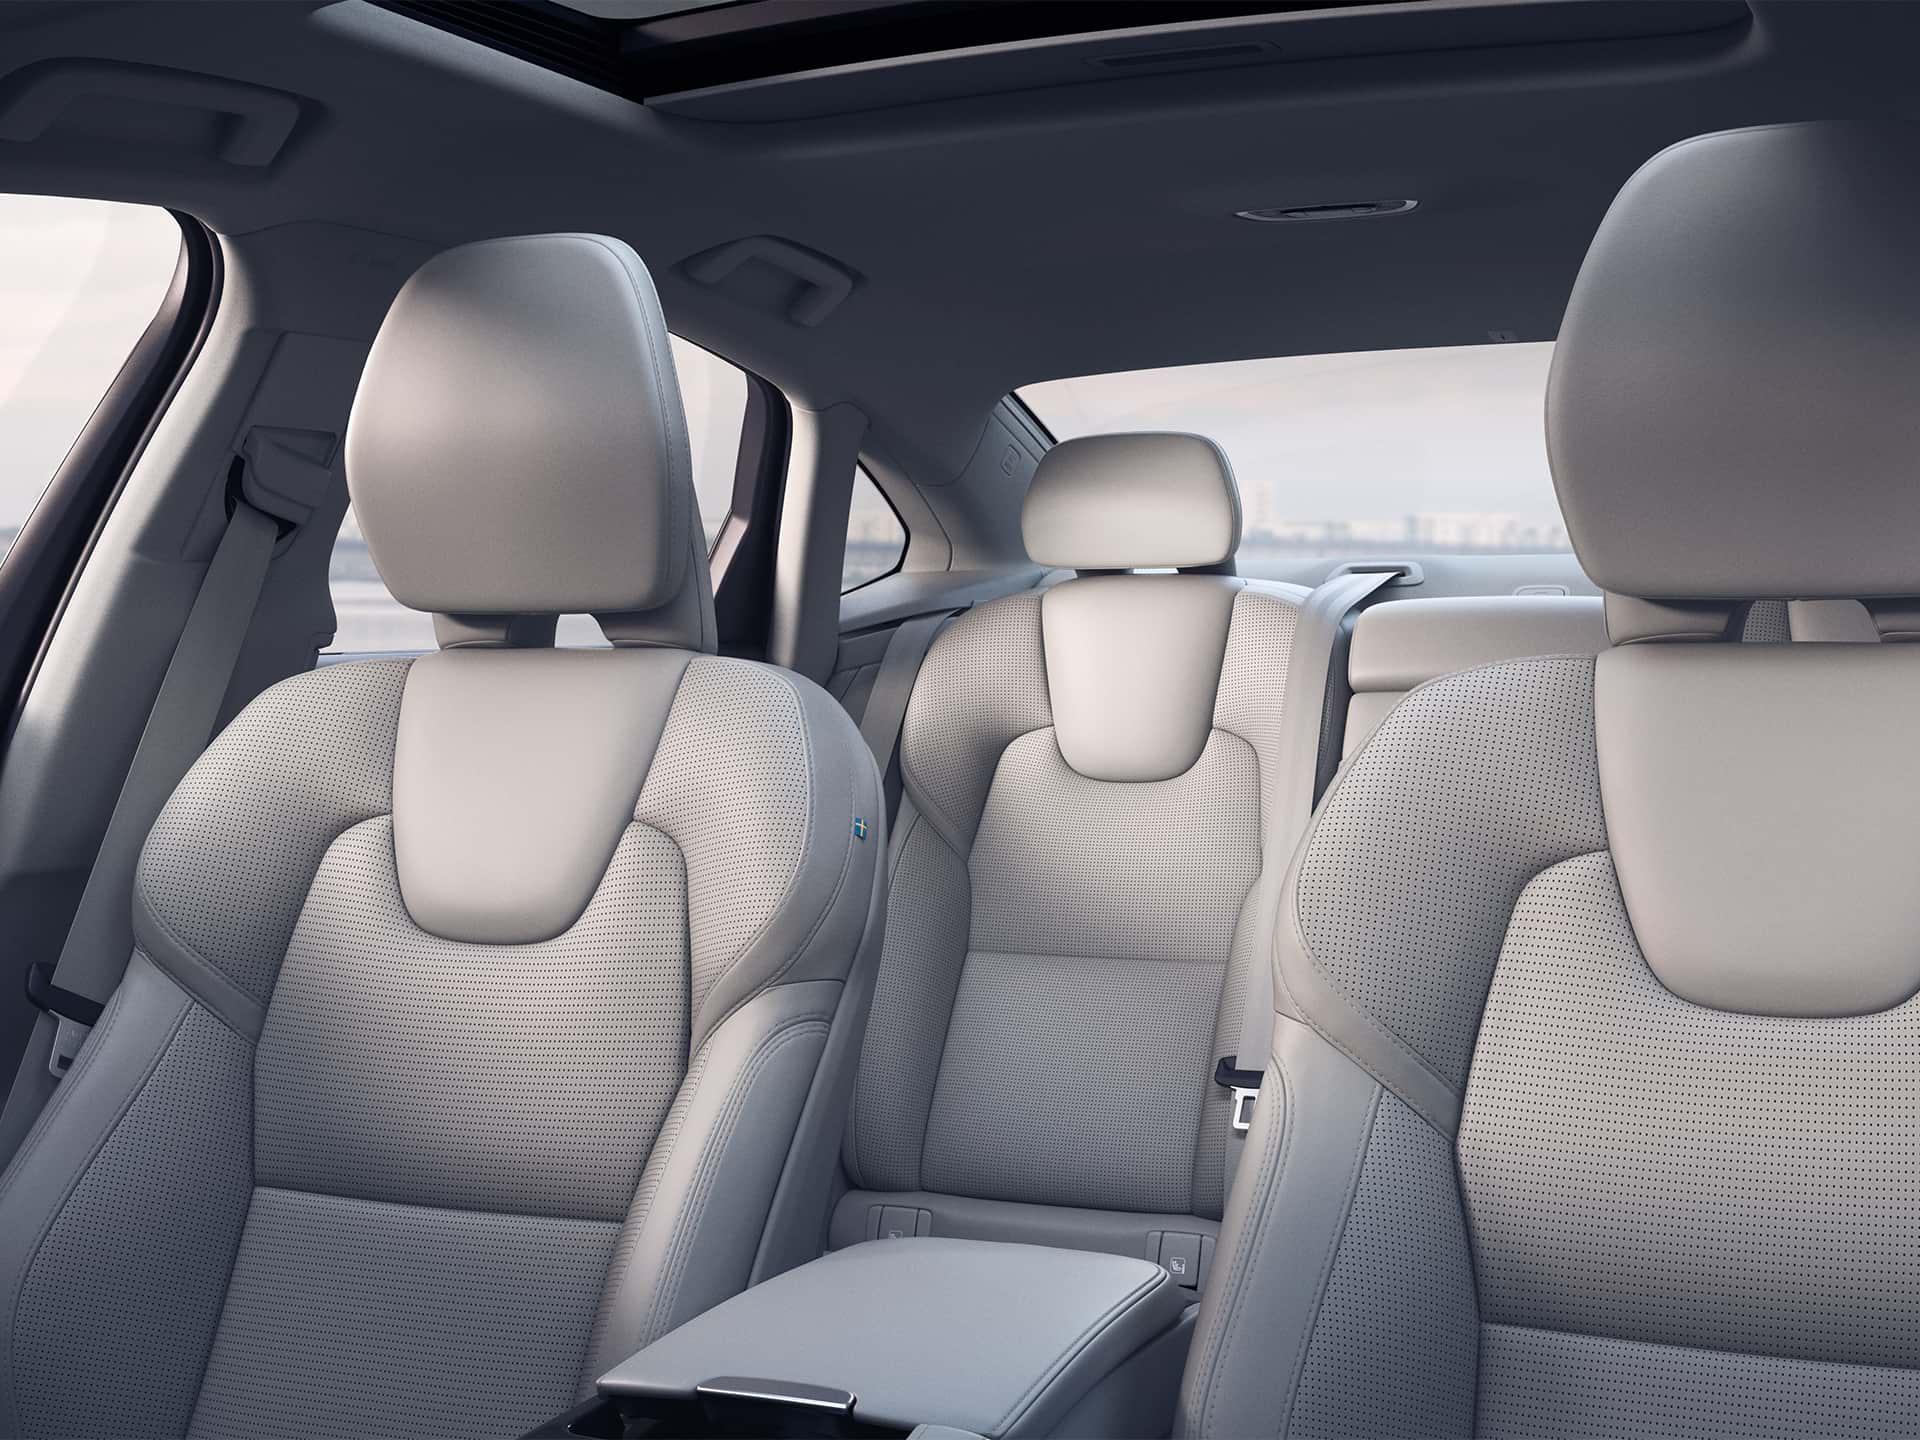 Innenraum einer Volvo-Limousine, hellbeige Innenausstattung